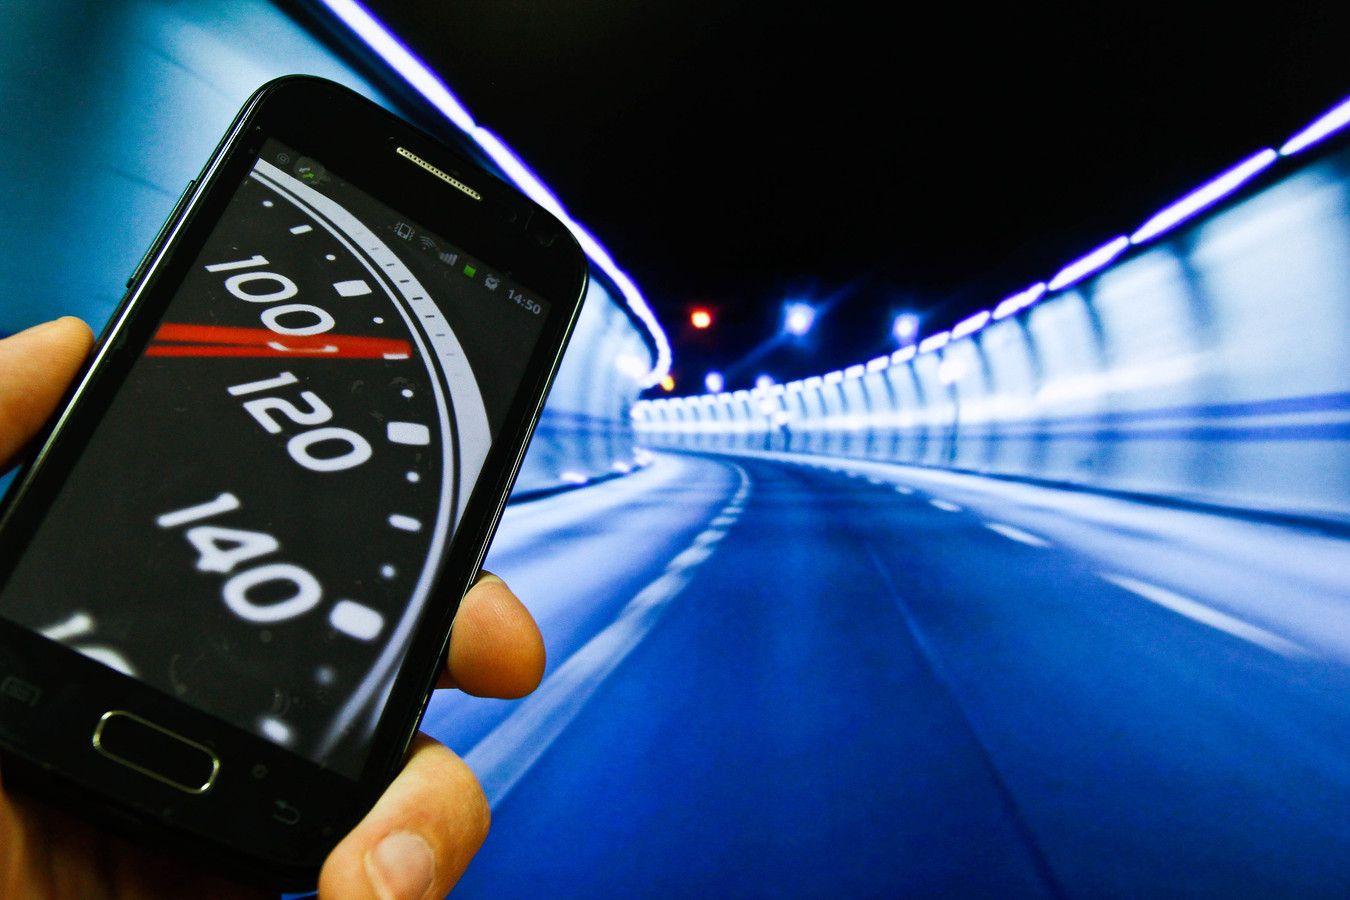 В Крыму объяснили ограничение скорости мобильного интернета